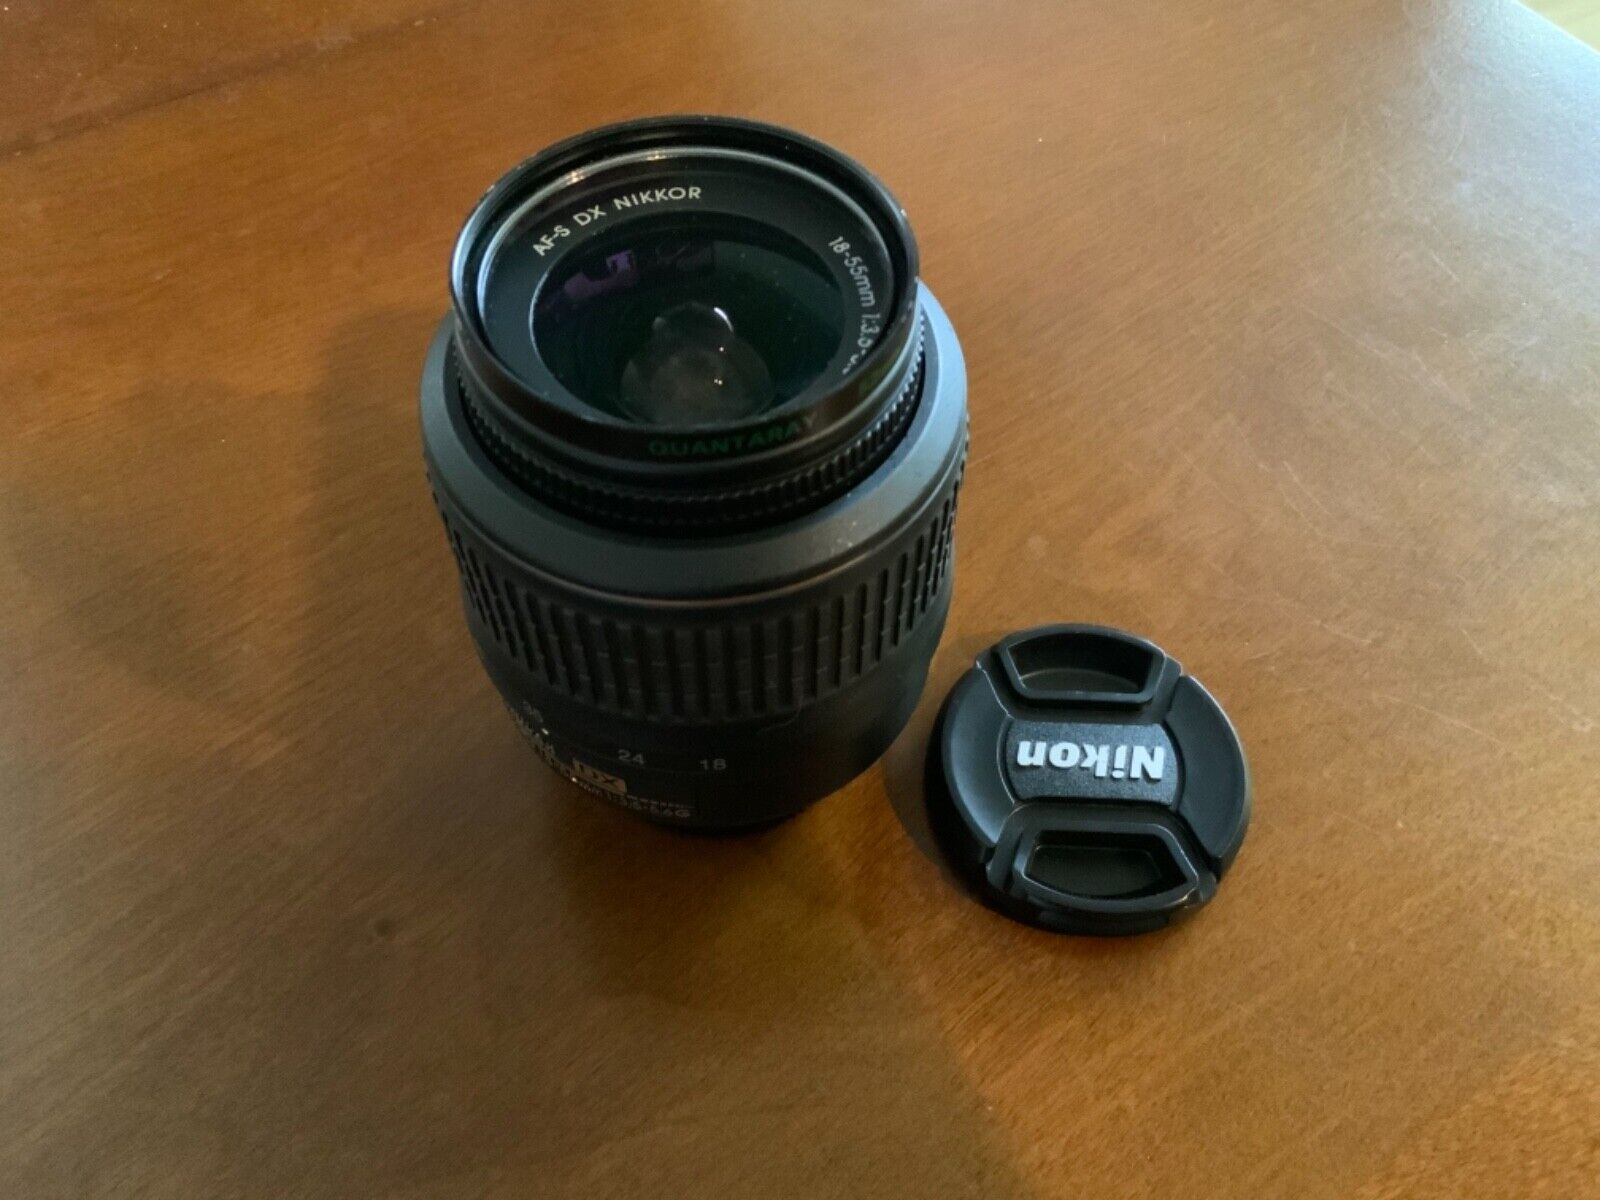 Nikon 18-55mm F/3.5-5.6g VR Af-p DX Nikkor Zoom Lens - $49.00